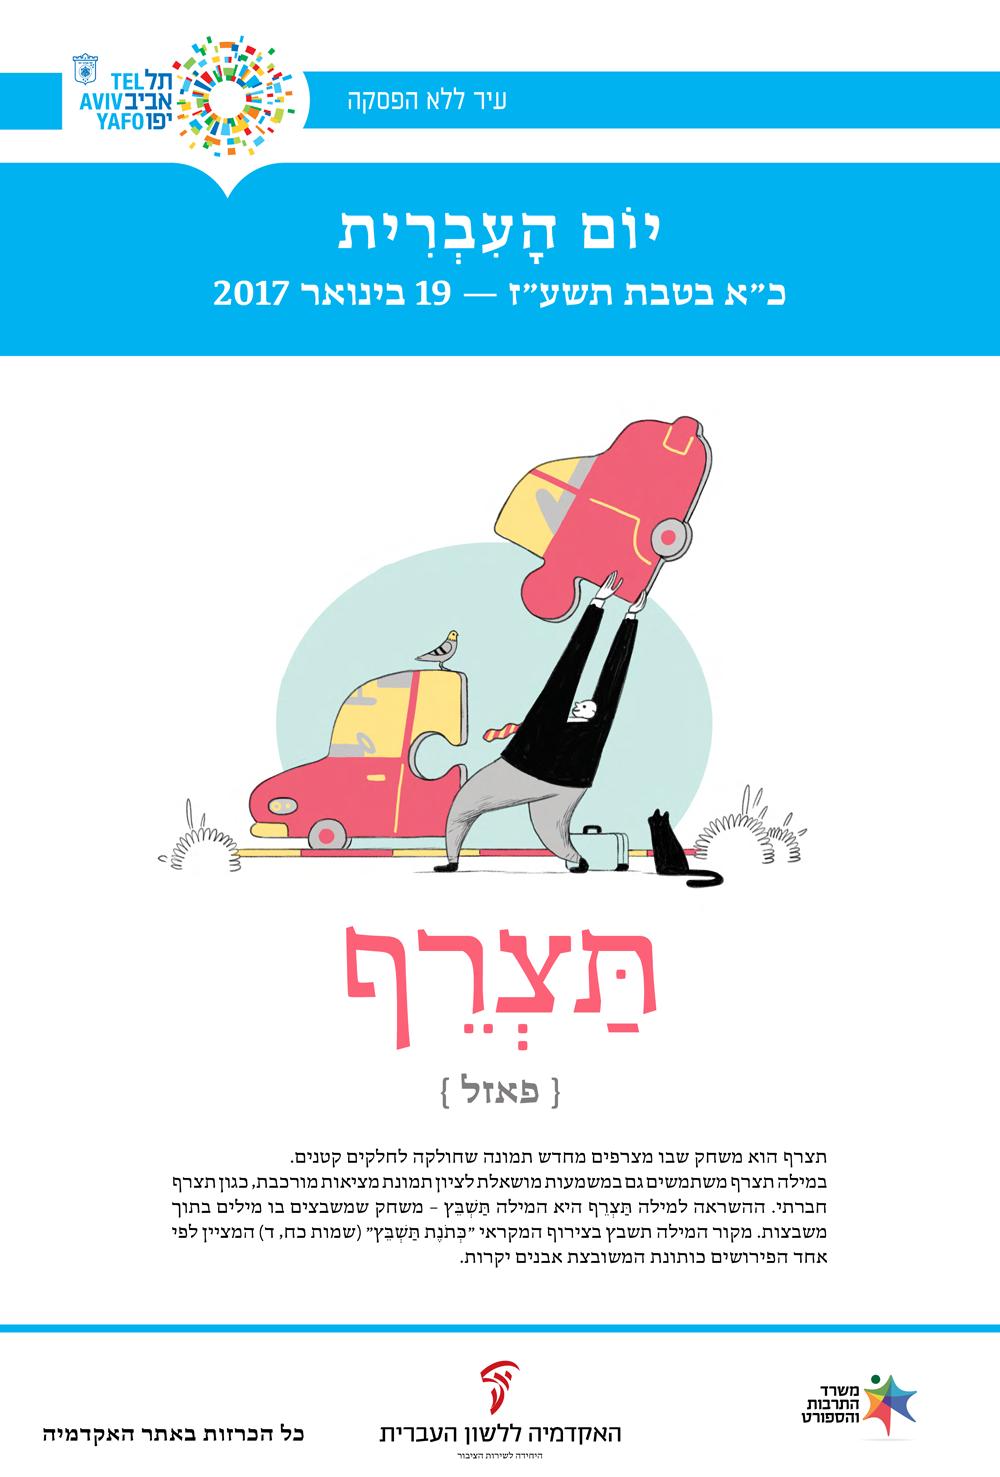 פאזל - תצרף - כרזה ליום העברית תשעז